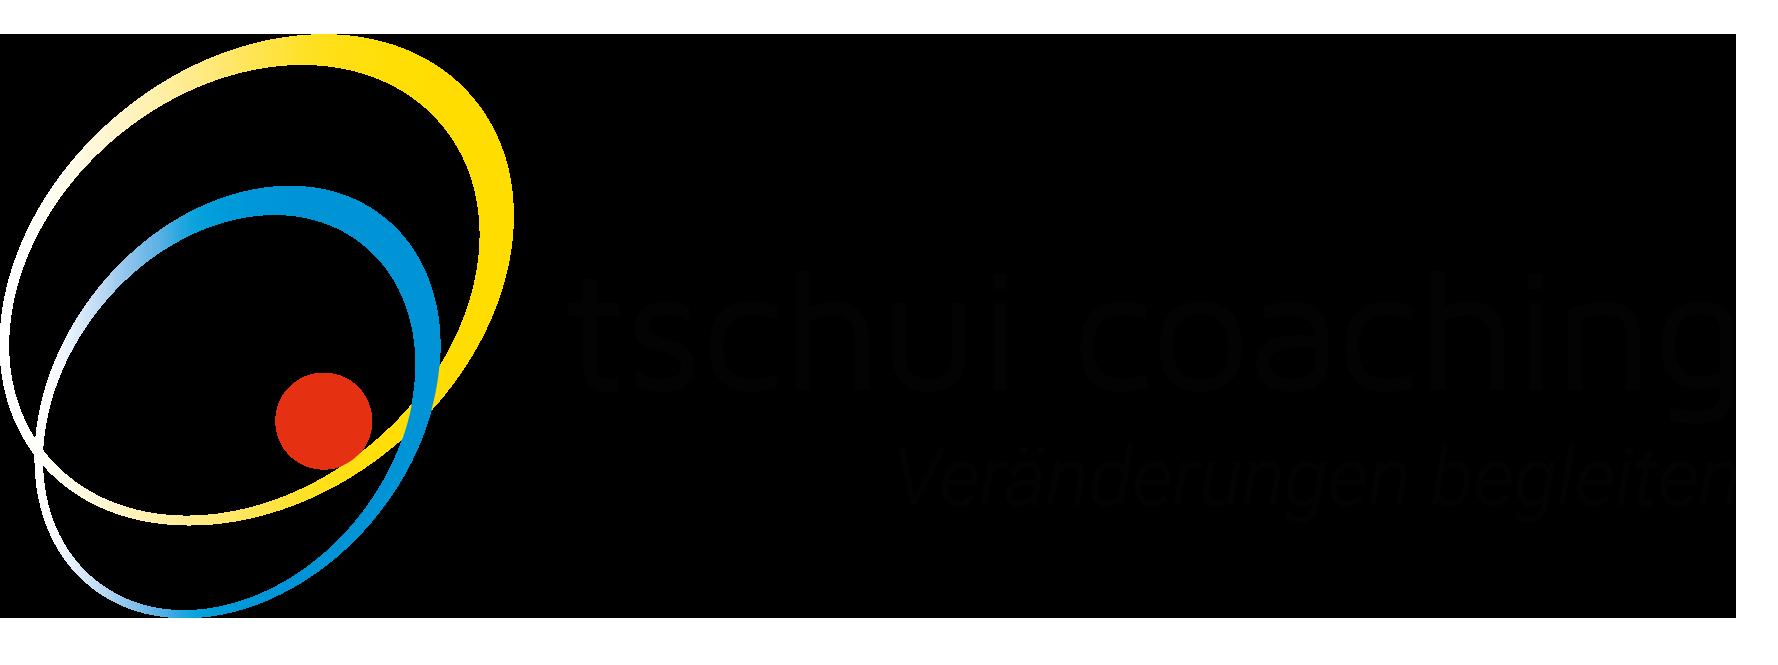 Tschui Coaching